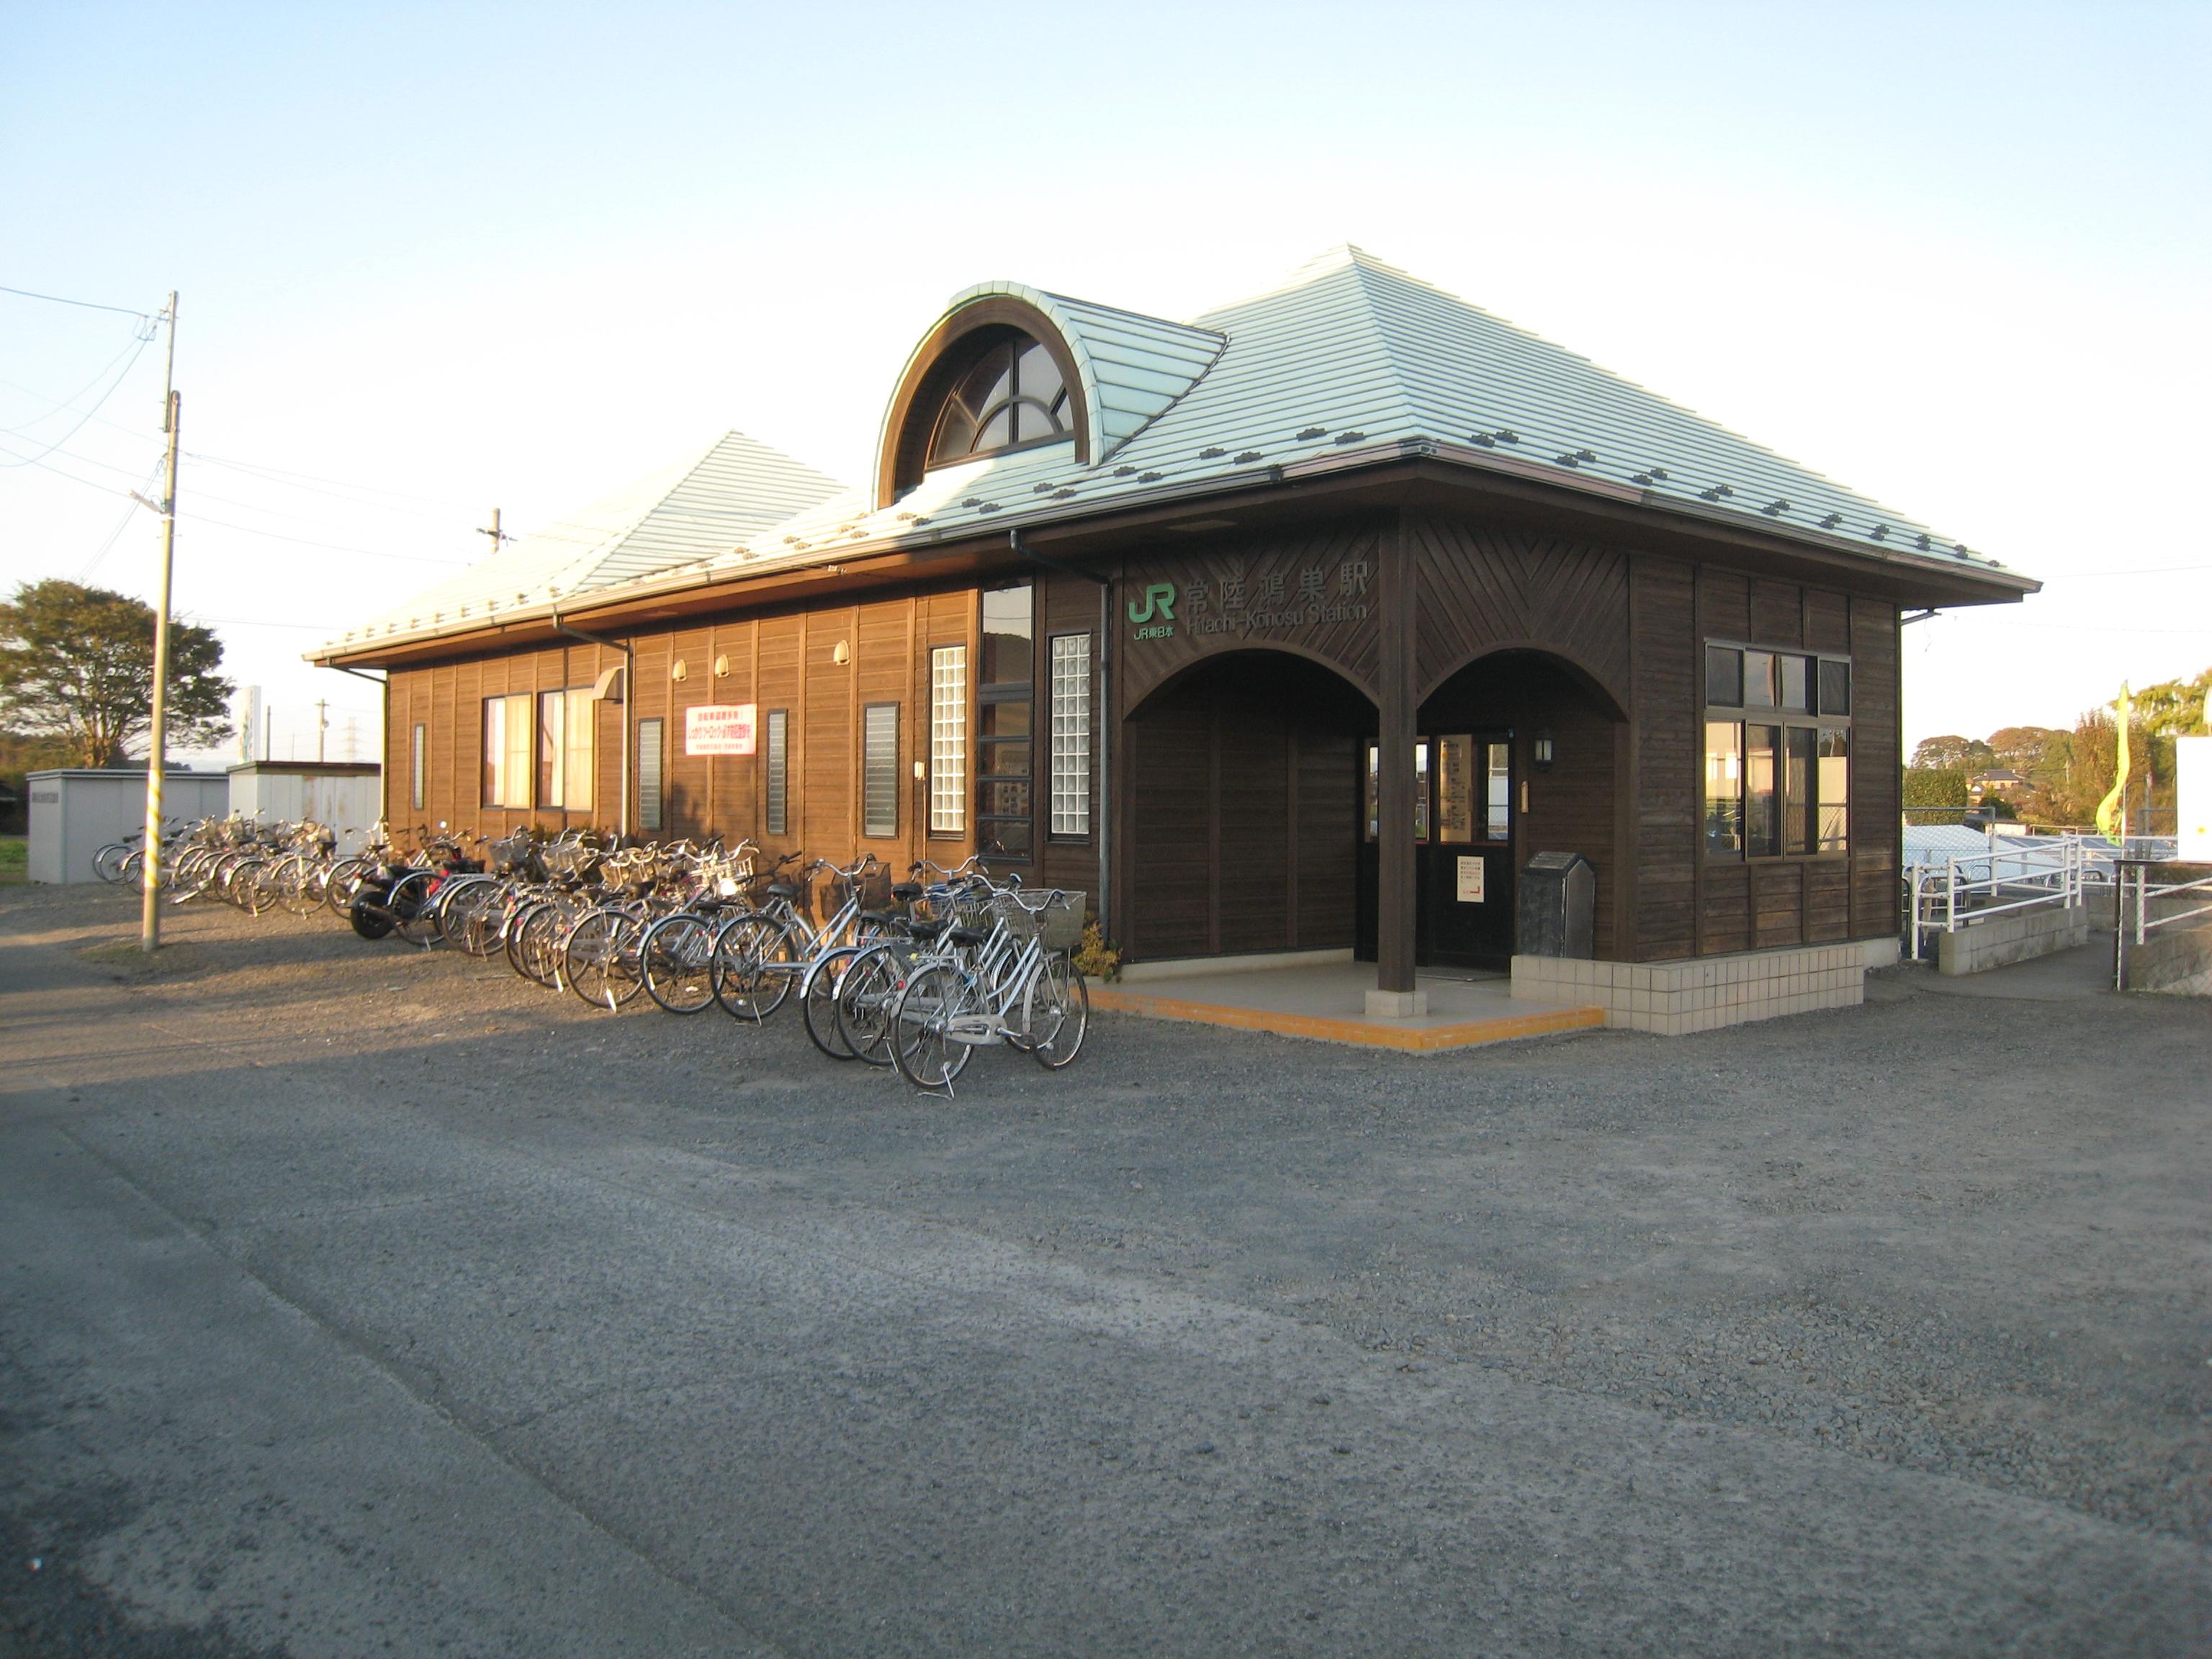 施設:⑱芳野第2投票区 常陸鴻巣駅ふれあい駅舎